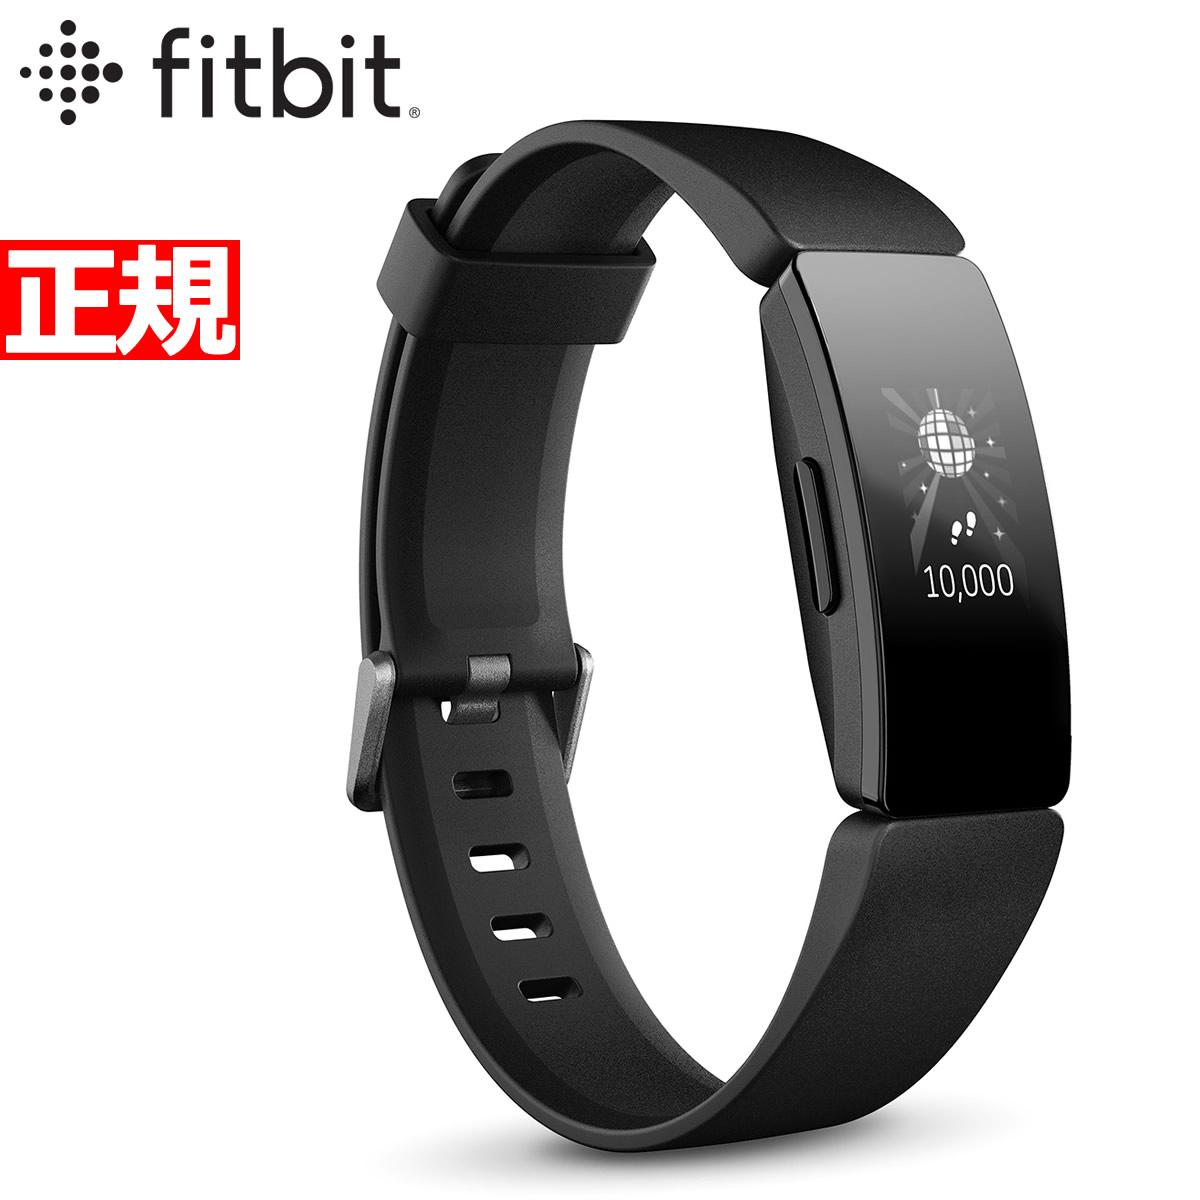 明日20時~ 店内ポイント最大47倍のビッグチャンス!Fitbit フィットビット Inspire HR インスパイアHR フィットネス トラッカー ウェアラブル端末 腕時計 L/Sサイズ ブラック FB413BKBK-FRCJK【2019 新作】